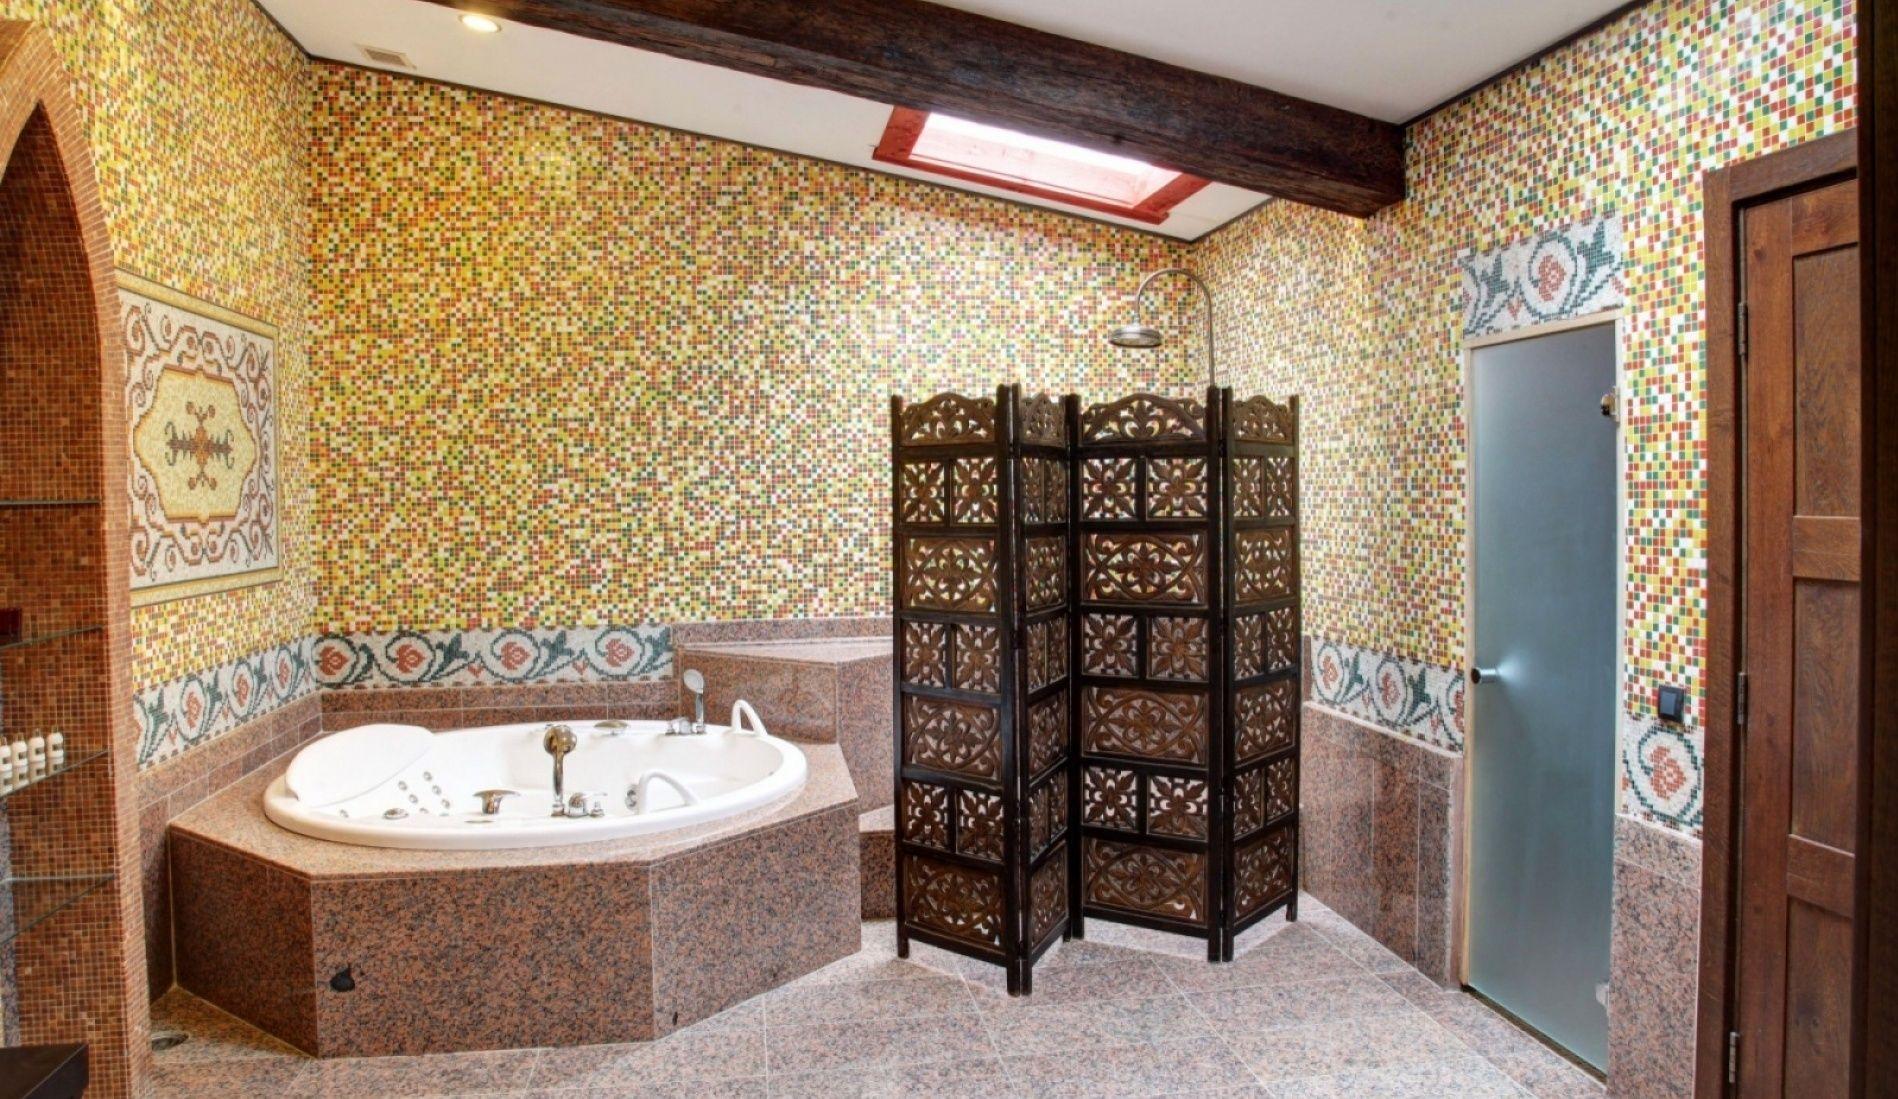 Эвент-отель «Конаково Ривер Клаб» Тверская область Номер «Пентхаус», фото 3